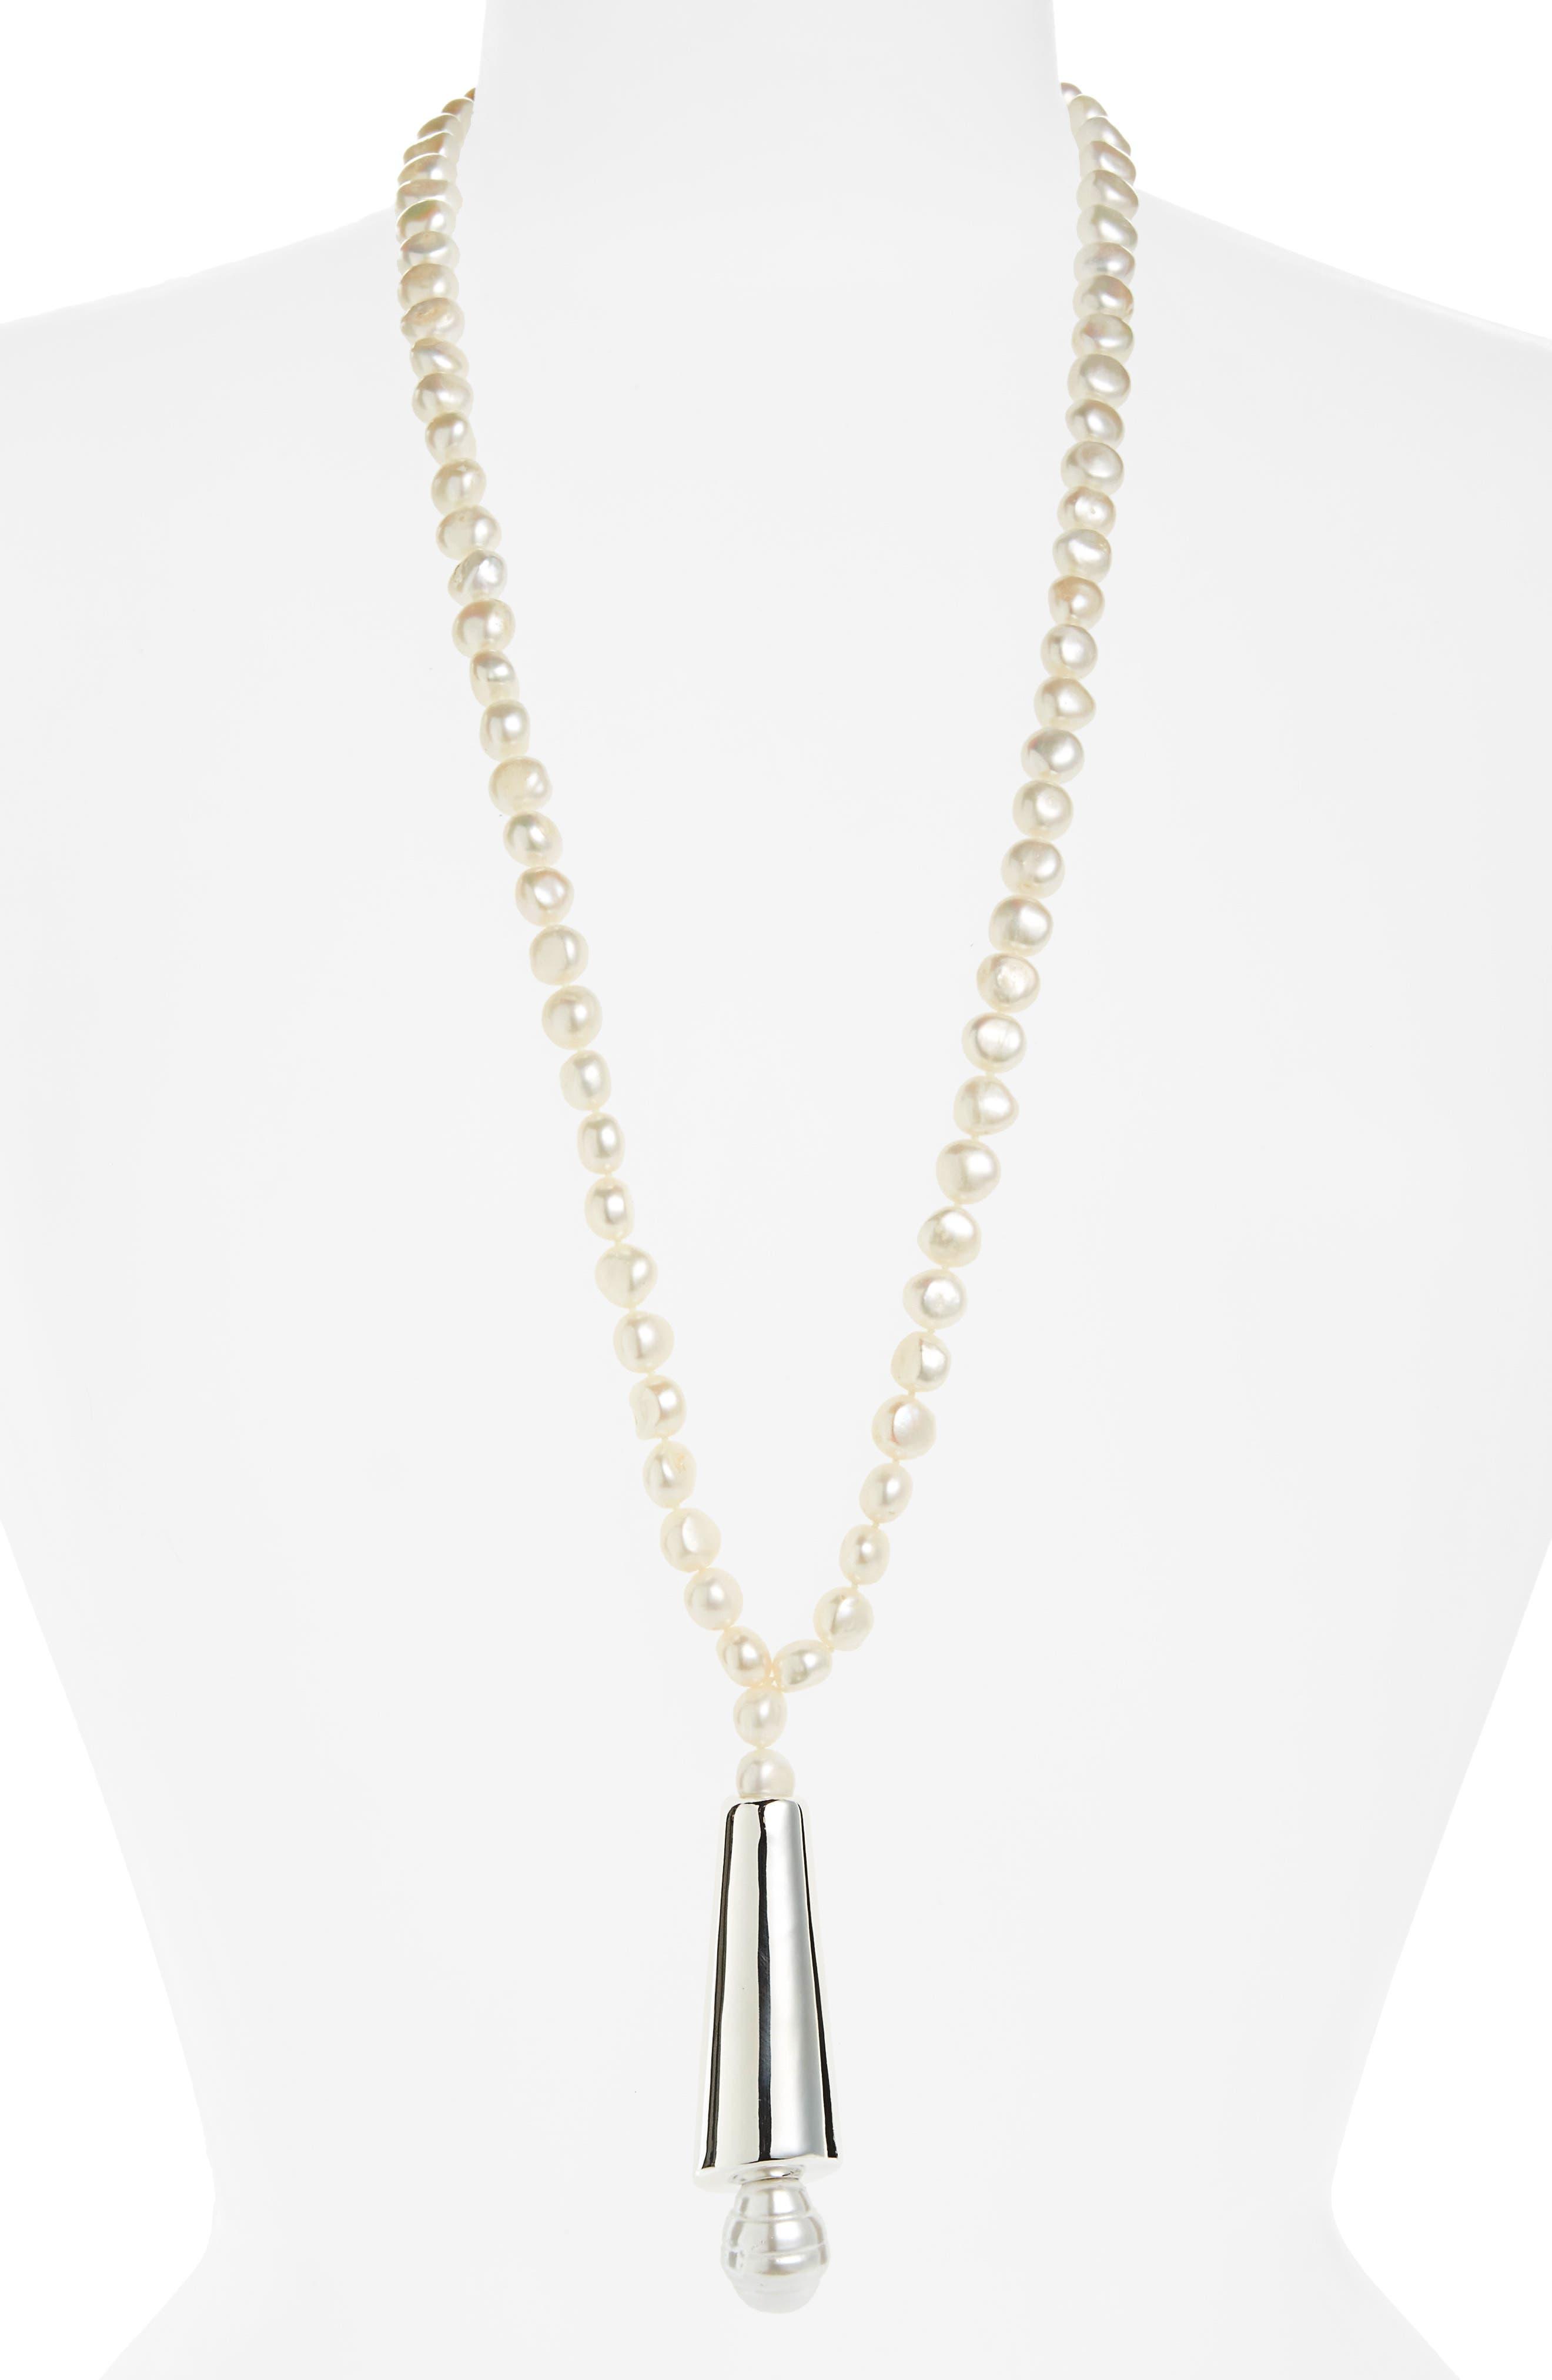 Semiprecious Stone Strand Necklace,                         Main,                         color, Peach/ Silver